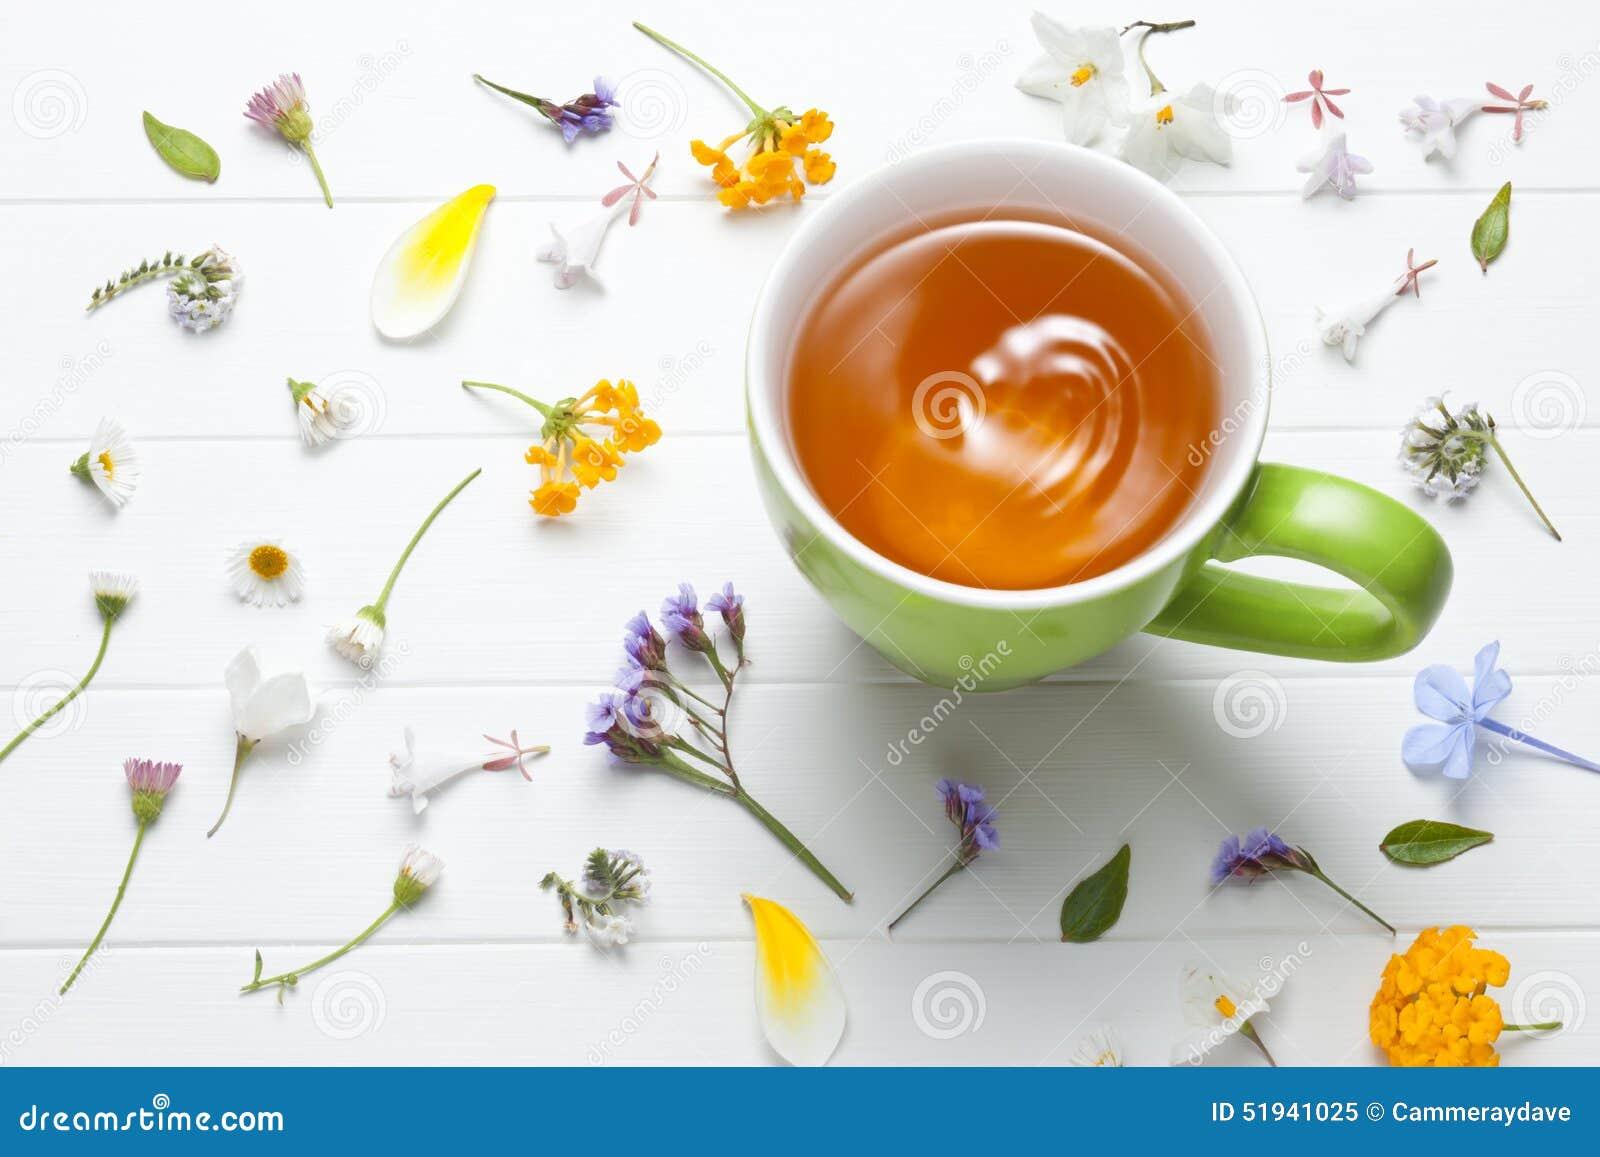 茶绿色杯花